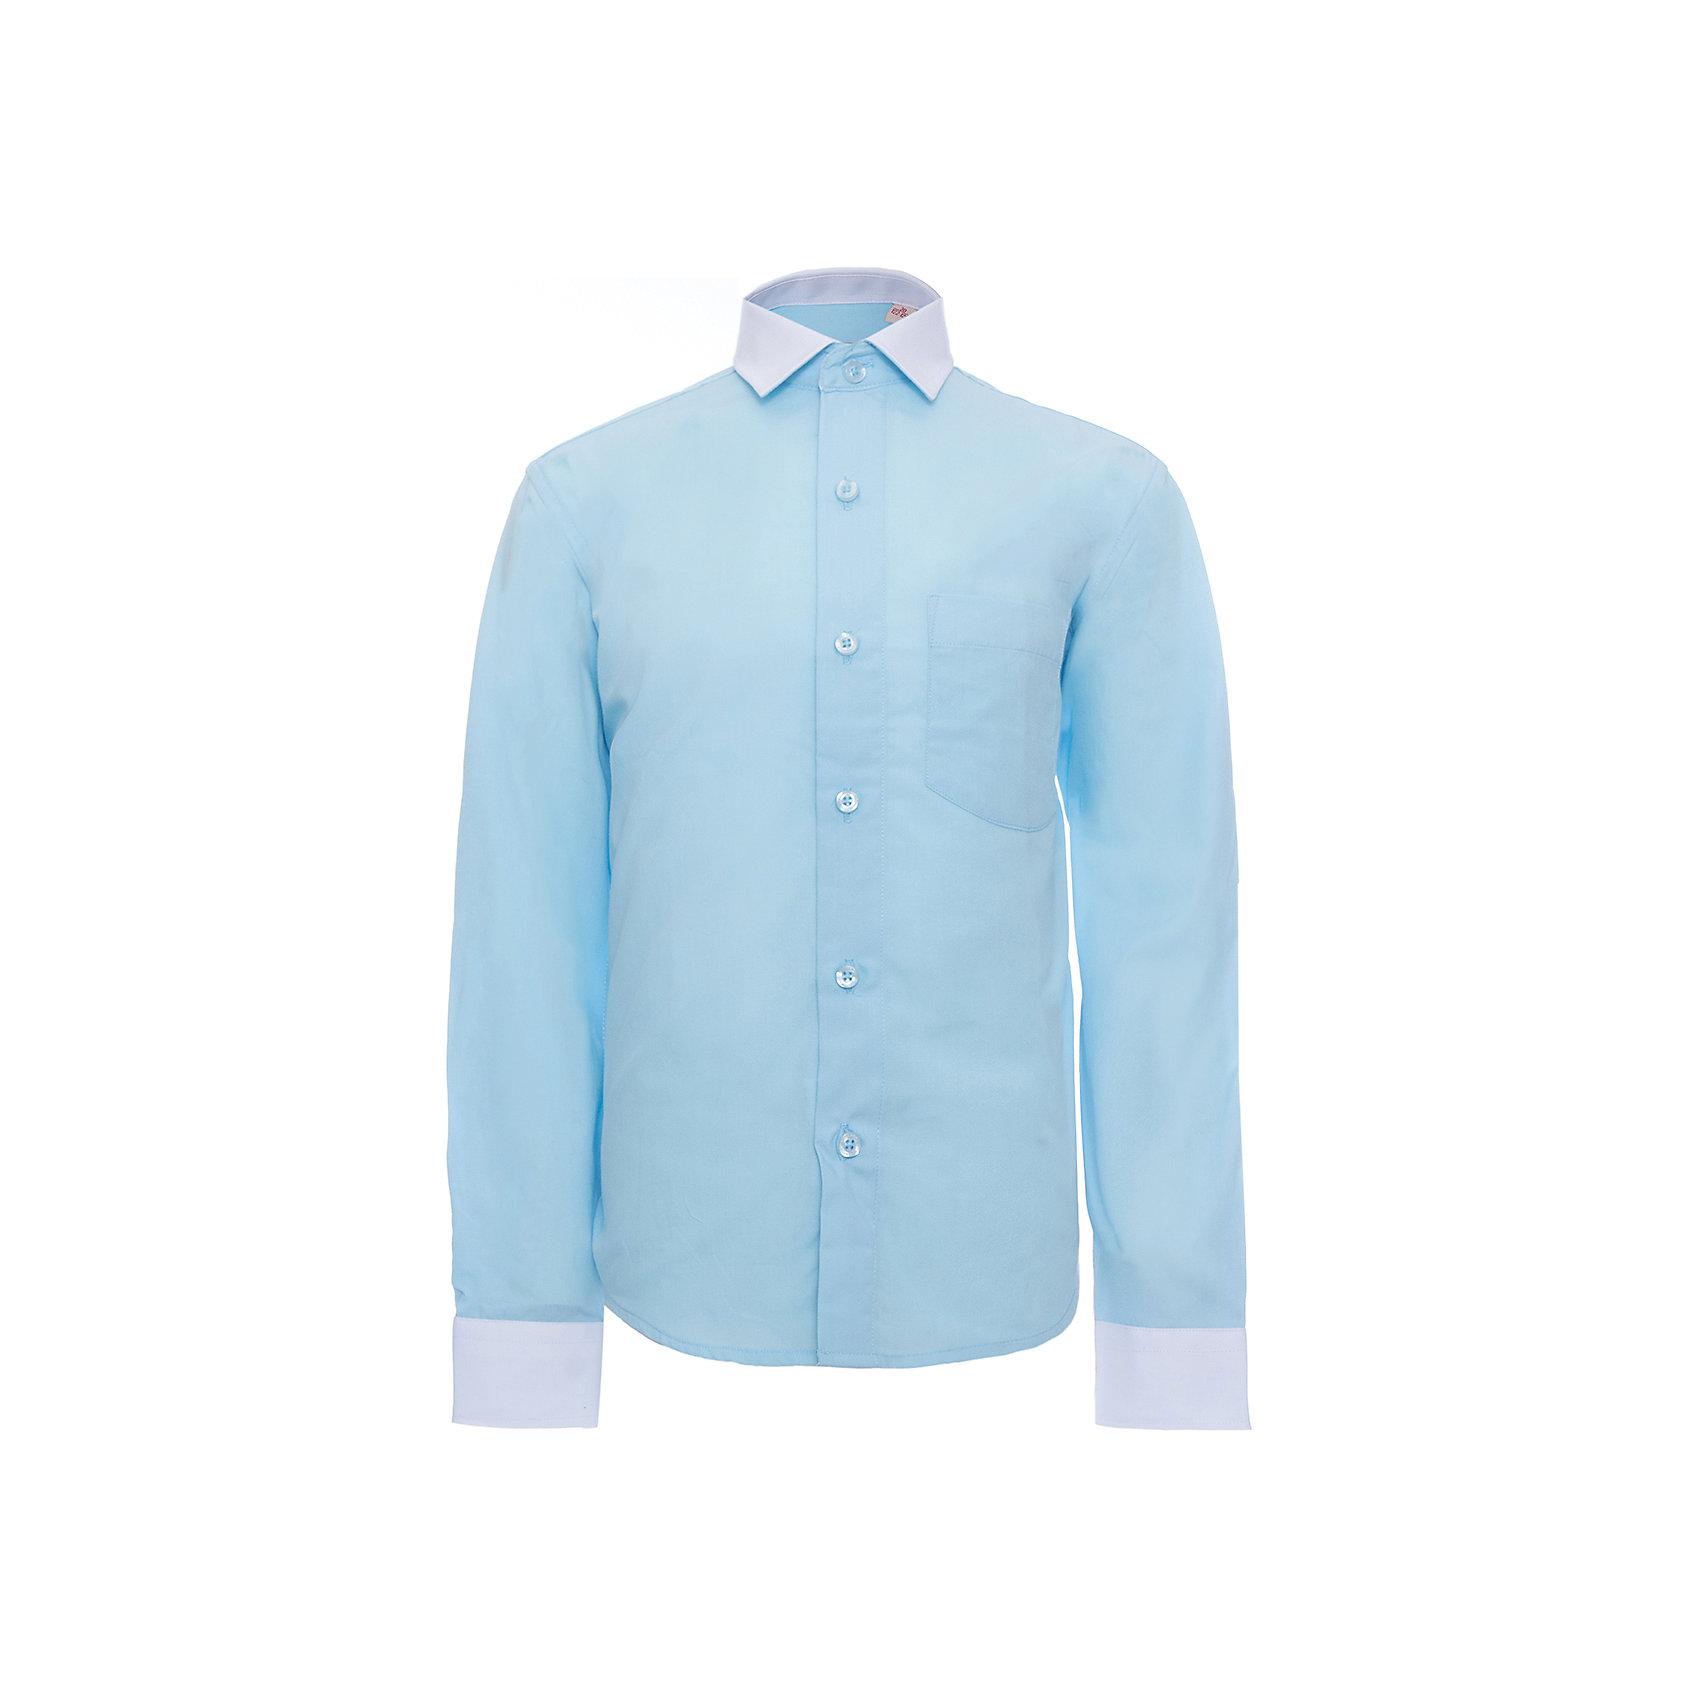 Рубашка для мальчика ImperatorБлузки и рубашки<br>Классическая рубашка - неотьемлемая вещь в гардеробе. Модель на пуговицах, с отложным воротником. Свободный покрой не стеснит движений и позволит чувствовать себя комфортно каждый день.  Состав 55 % хл. 45% П/Э<br><br>Ширина мм: 174<br>Глубина мм: 10<br>Высота мм: 169<br>Вес г: 157<br>Цвет: голубой<br>Возраст от месяцев: 84<br>Возраст до месяцев: 96<br>Пол: Мужской<br>Возраст: Детский<br>Размер: 122/128,164/170,128/134,134/140,140/146,146/152,152/158,152/158,158/164<br>SKU: 4749513